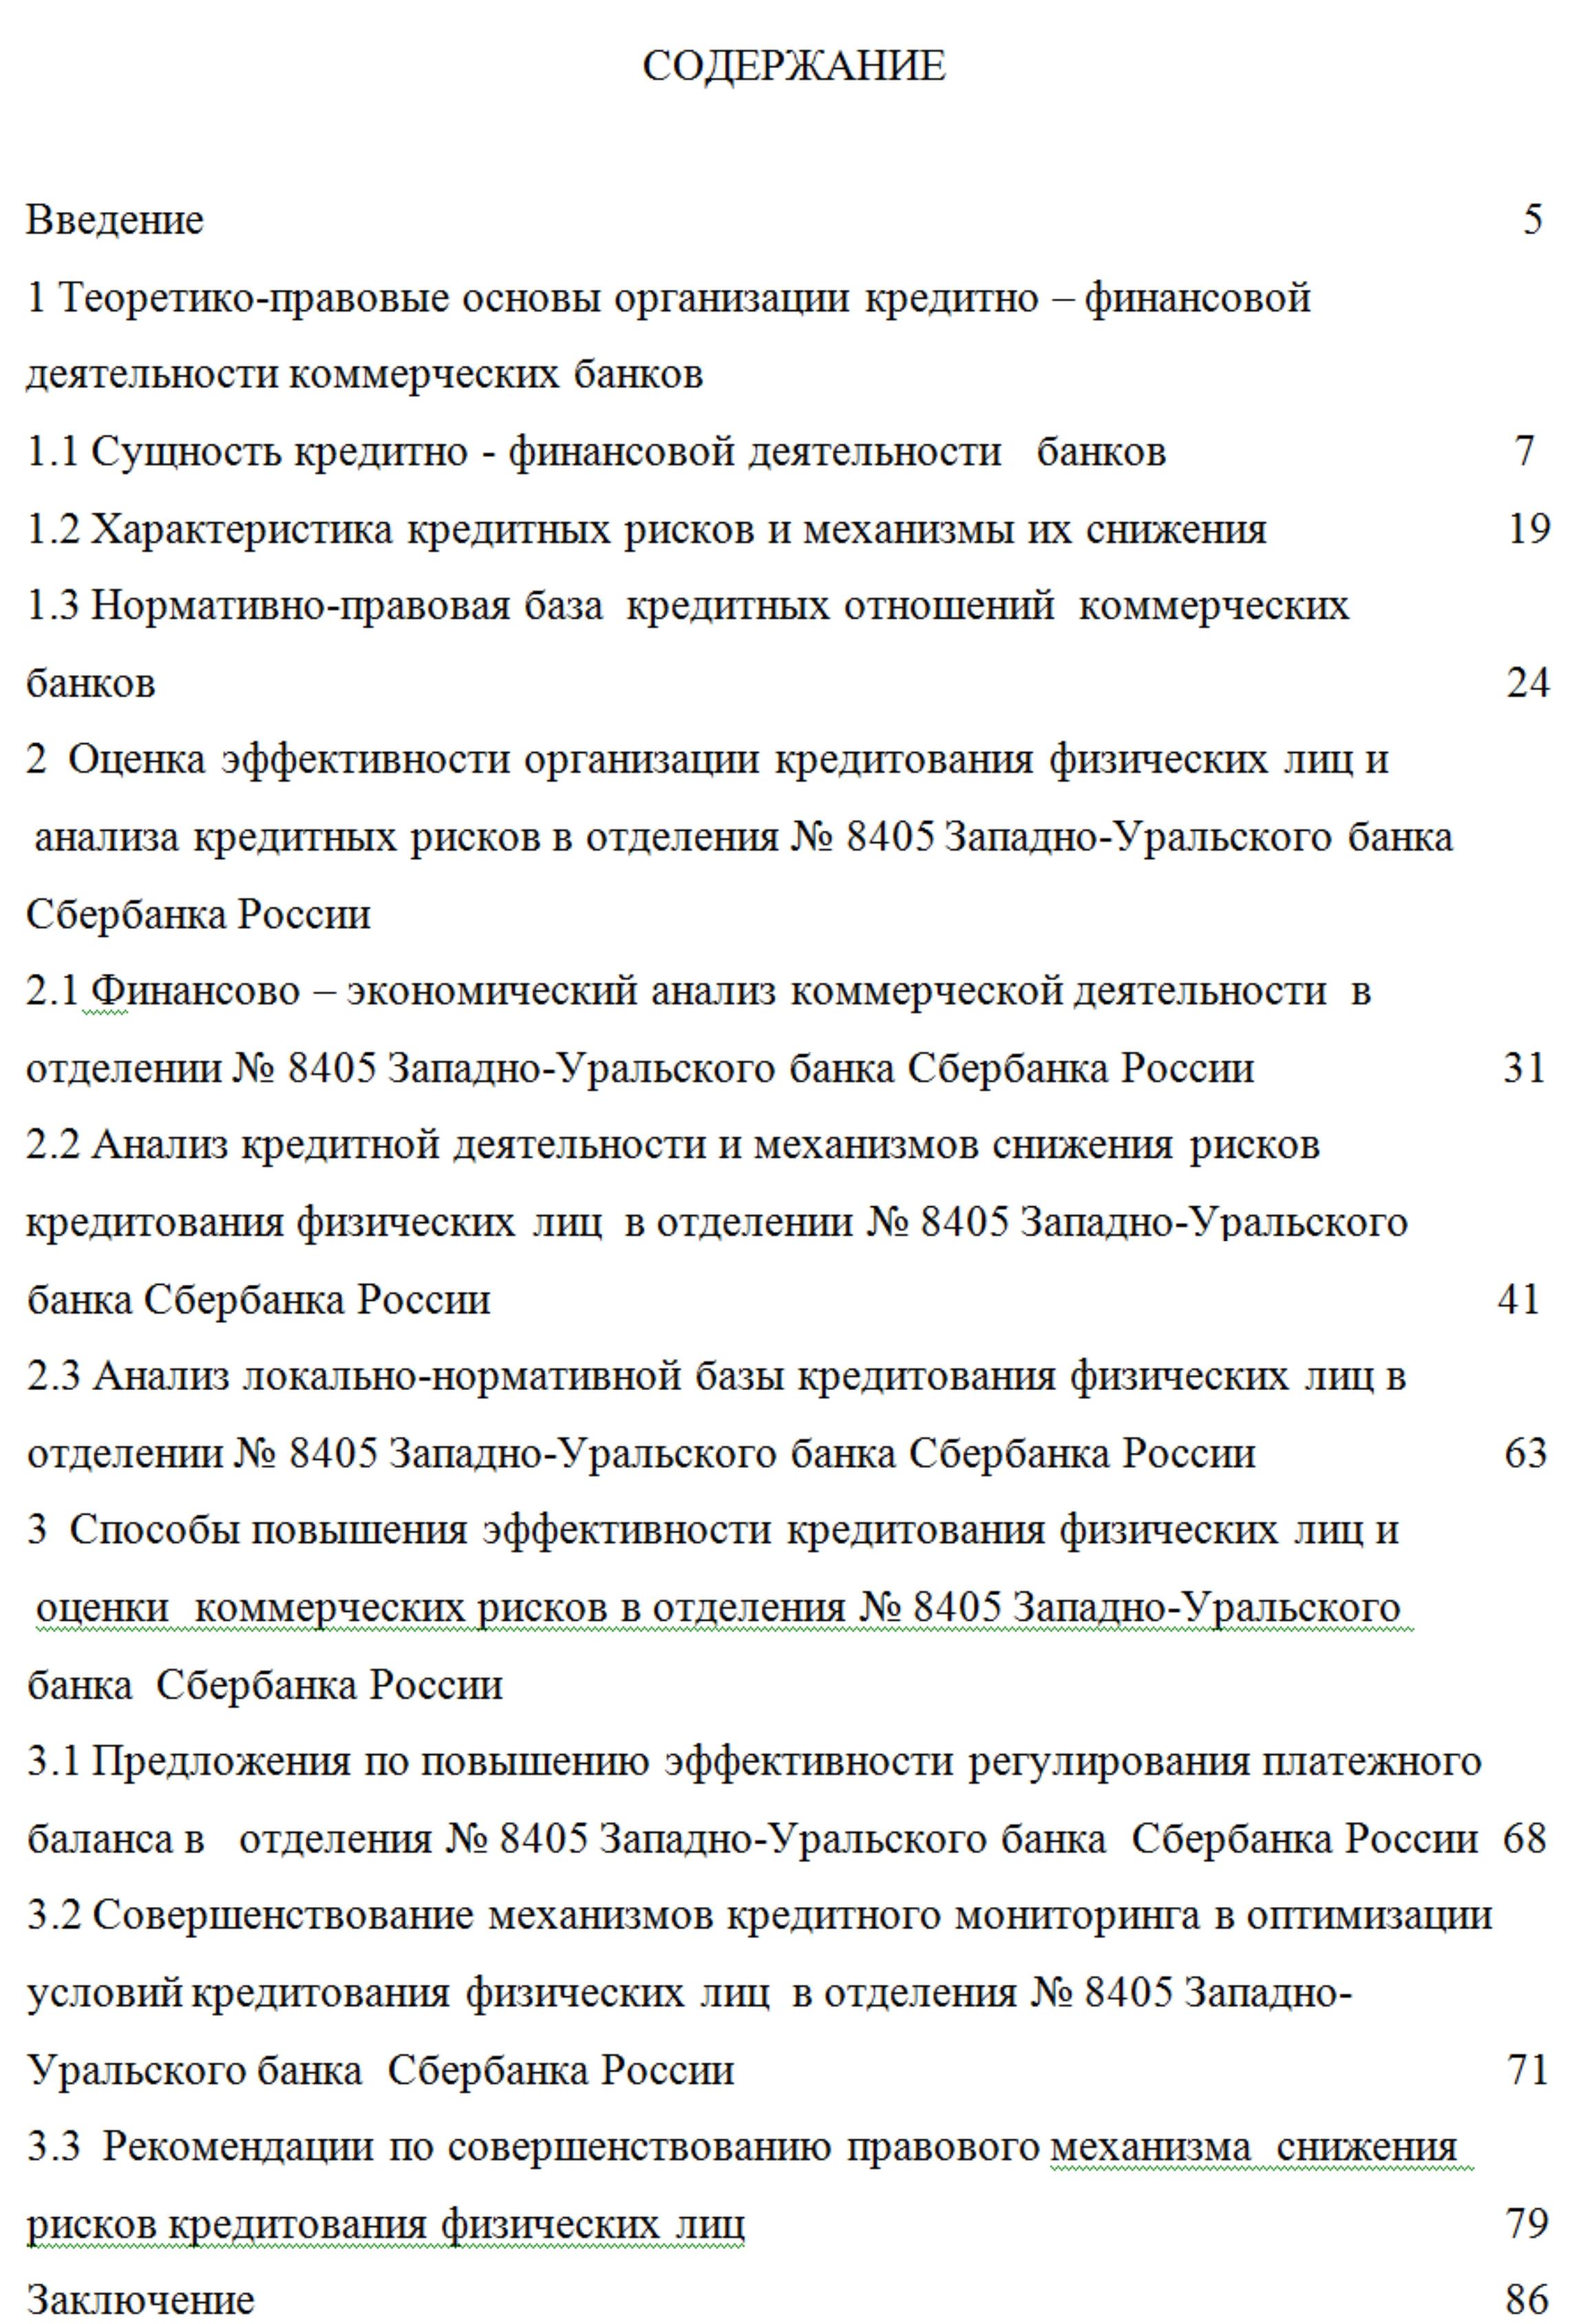 Финансовый анализ коммерческого банка отчет по практике 5415